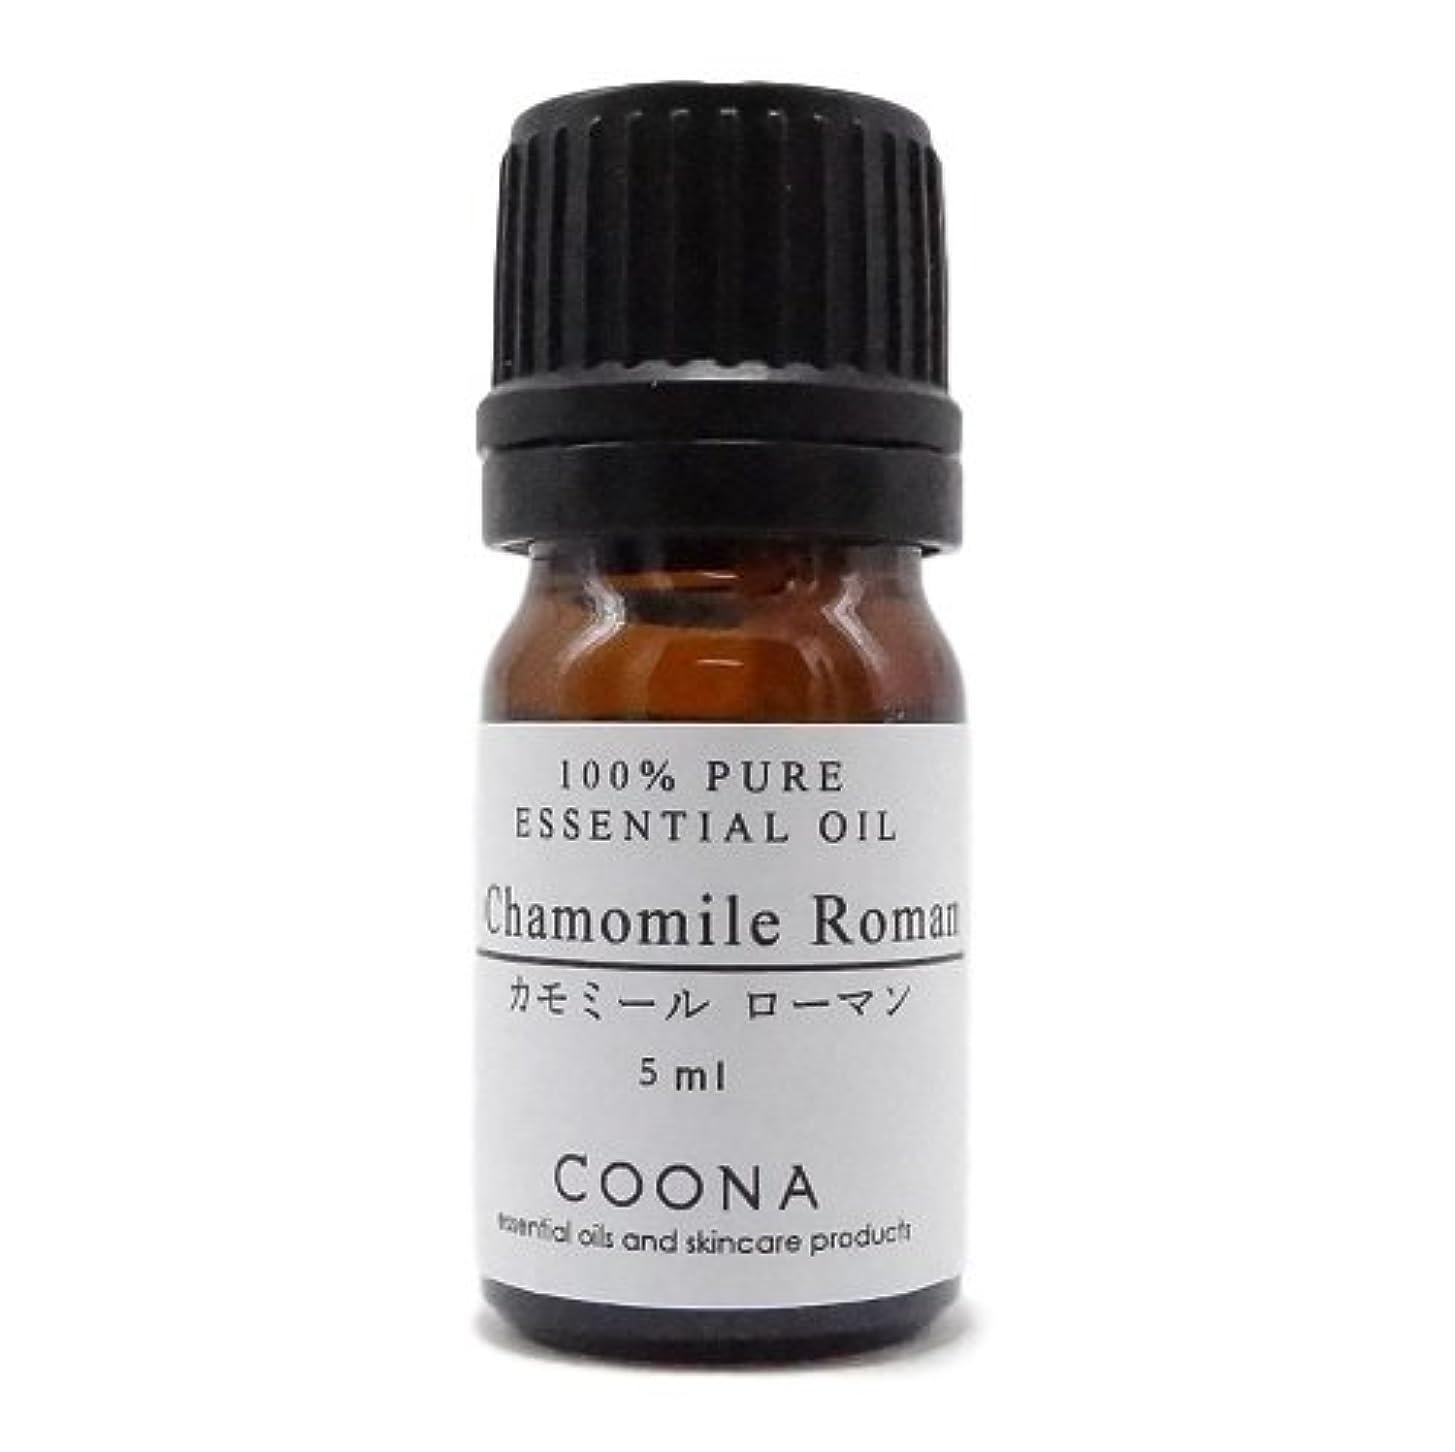 毎回水星一致するカモミール ローマン 5 ml (COONA エッセンシャルオイル アロマオイル 100%天然植物精油)